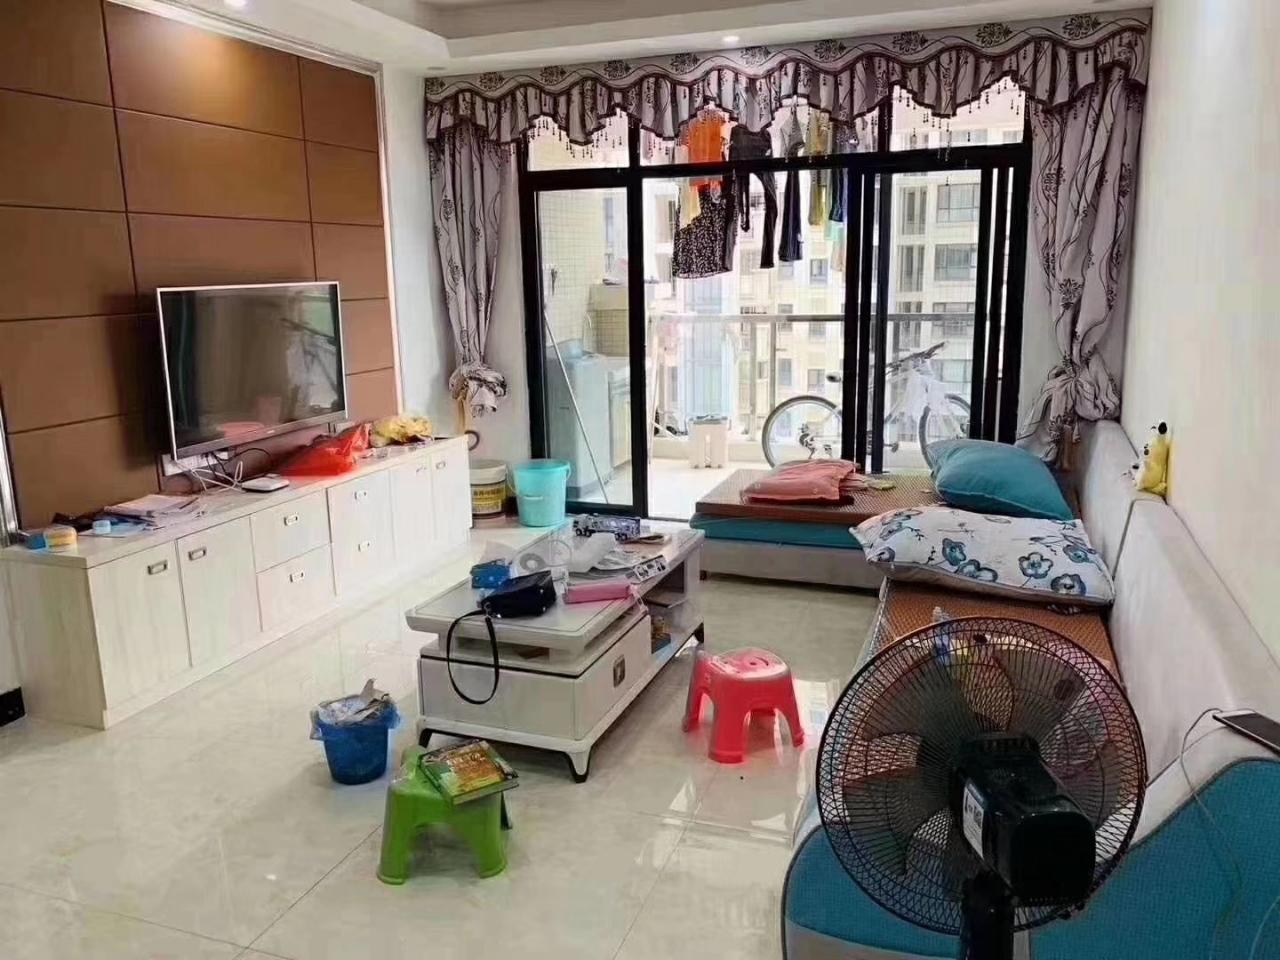 竹林新居3室2厅1卫69.8万元